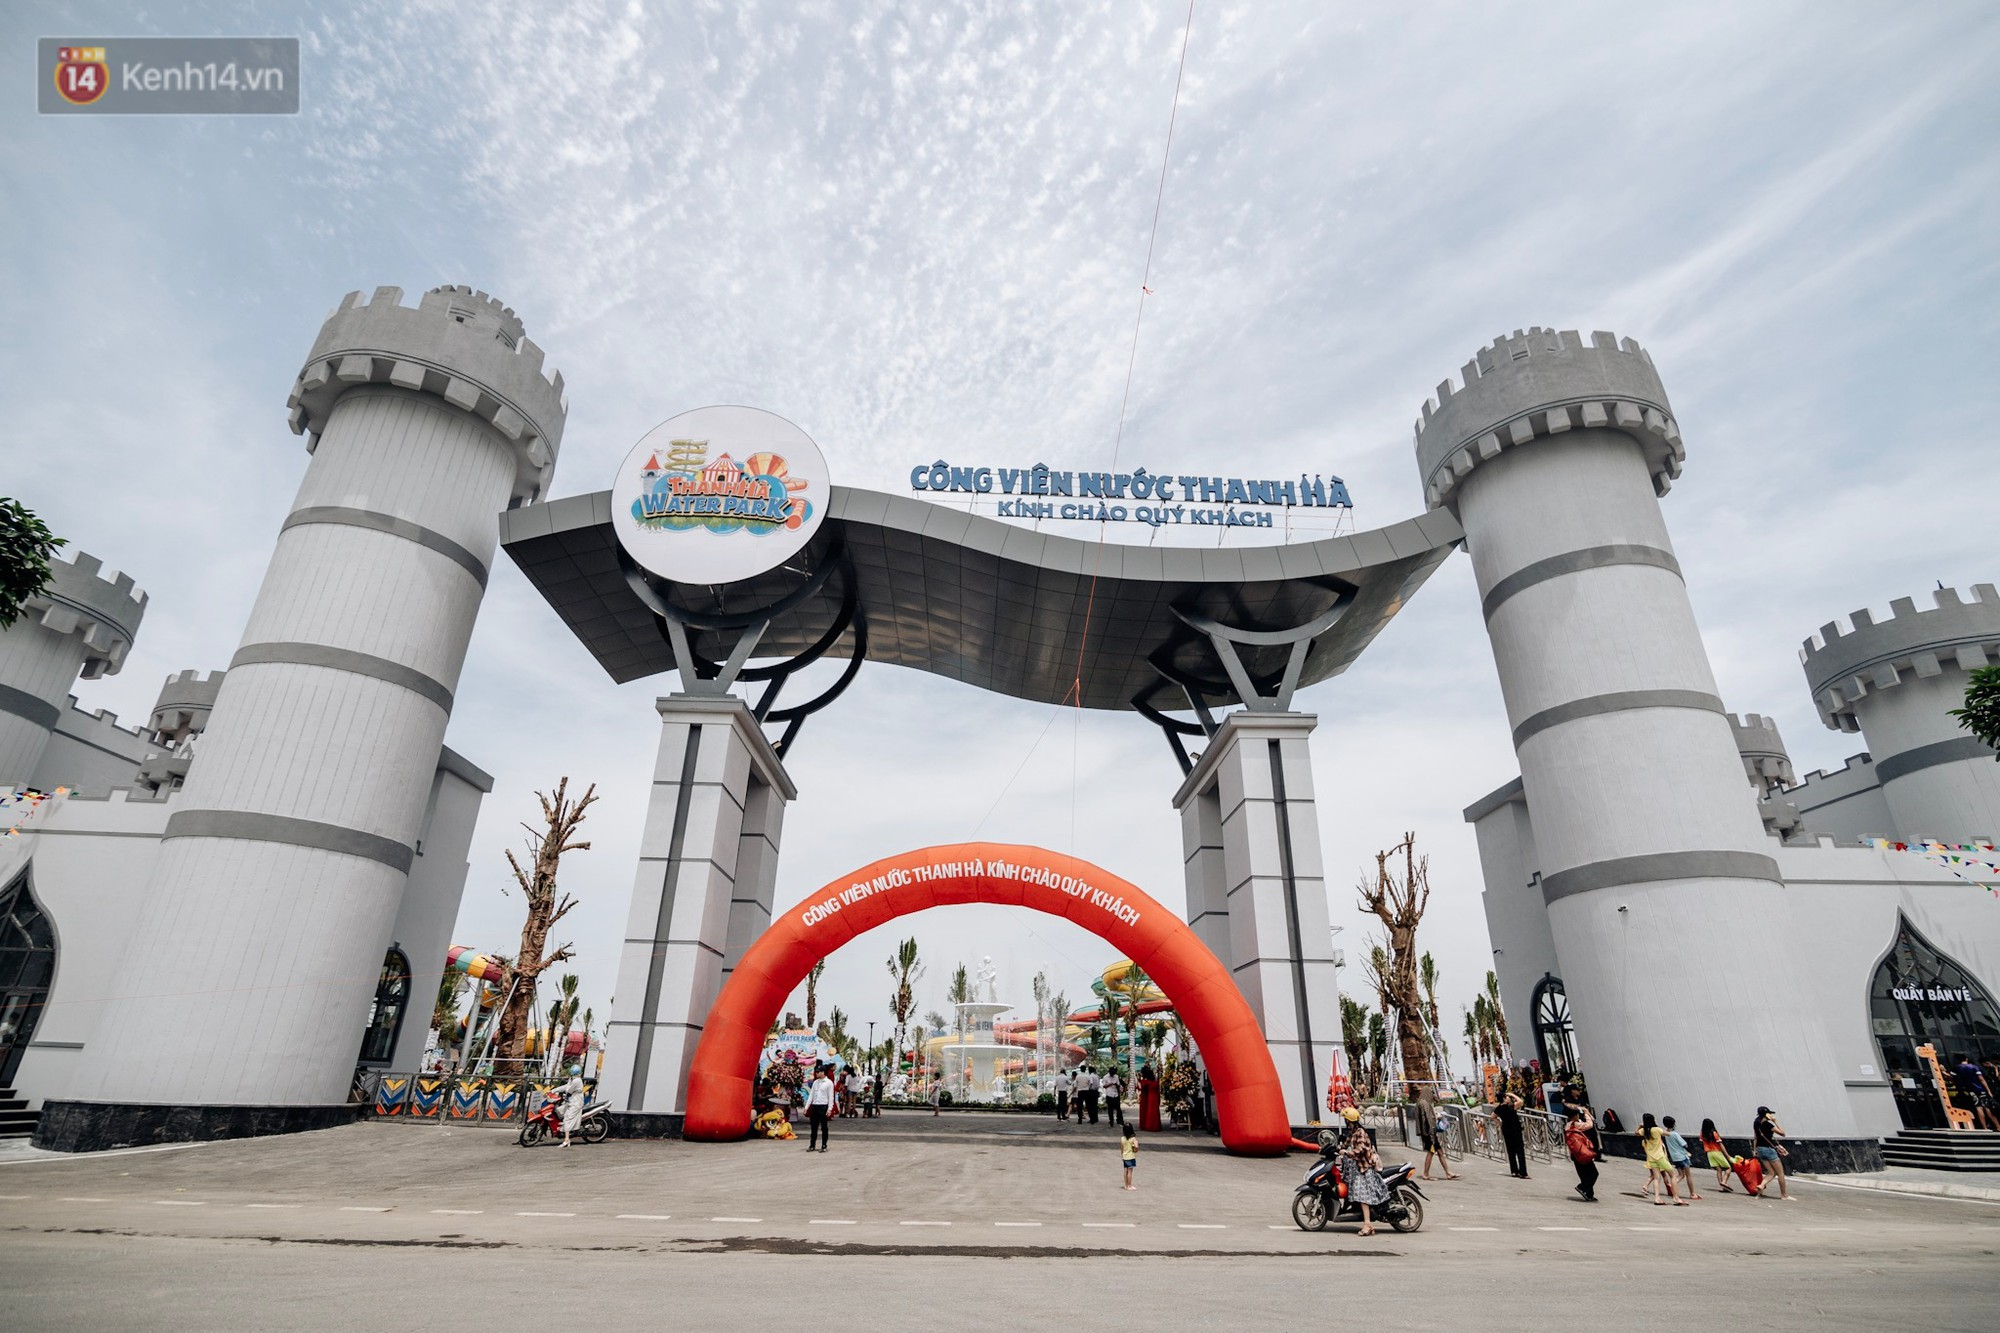 Ảnh, clip: Người dân Hà Nội thích thú trải nghiệm công viên nước hiện đại nhất Thủ đô trong ngày đầu mở cửa - Ảnh 5.